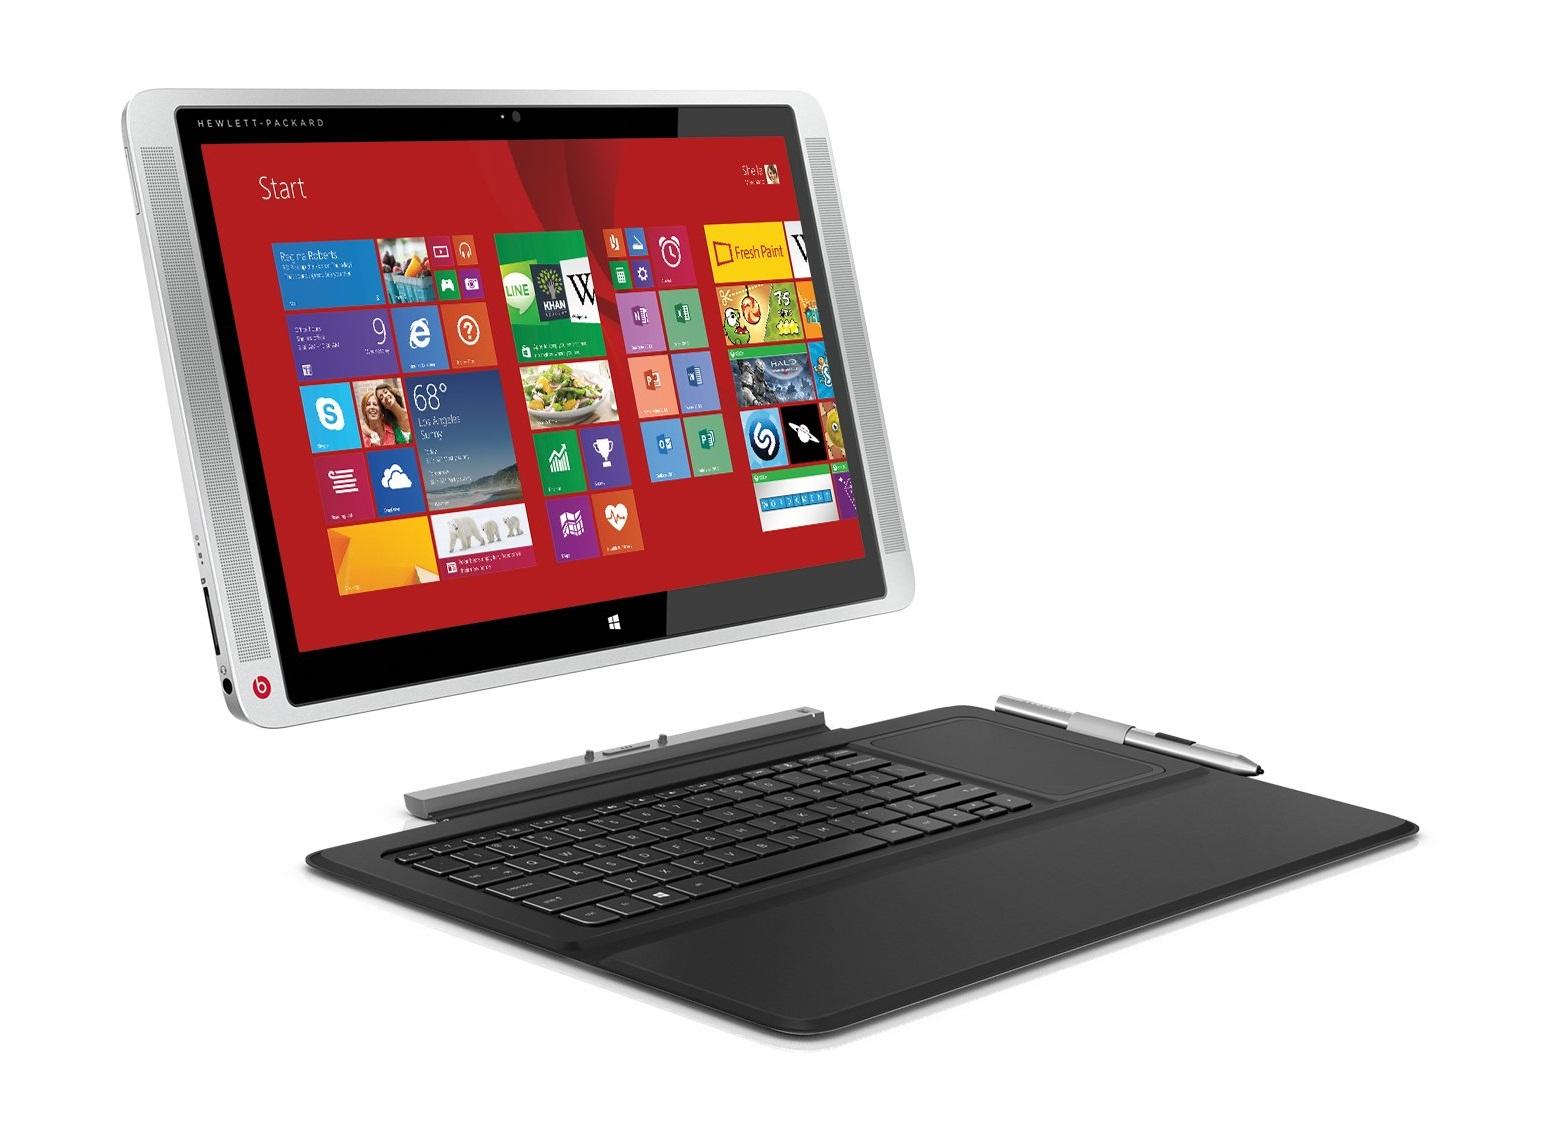 HP ENVY 13-j021nd x2 voor €599 @ HP Store